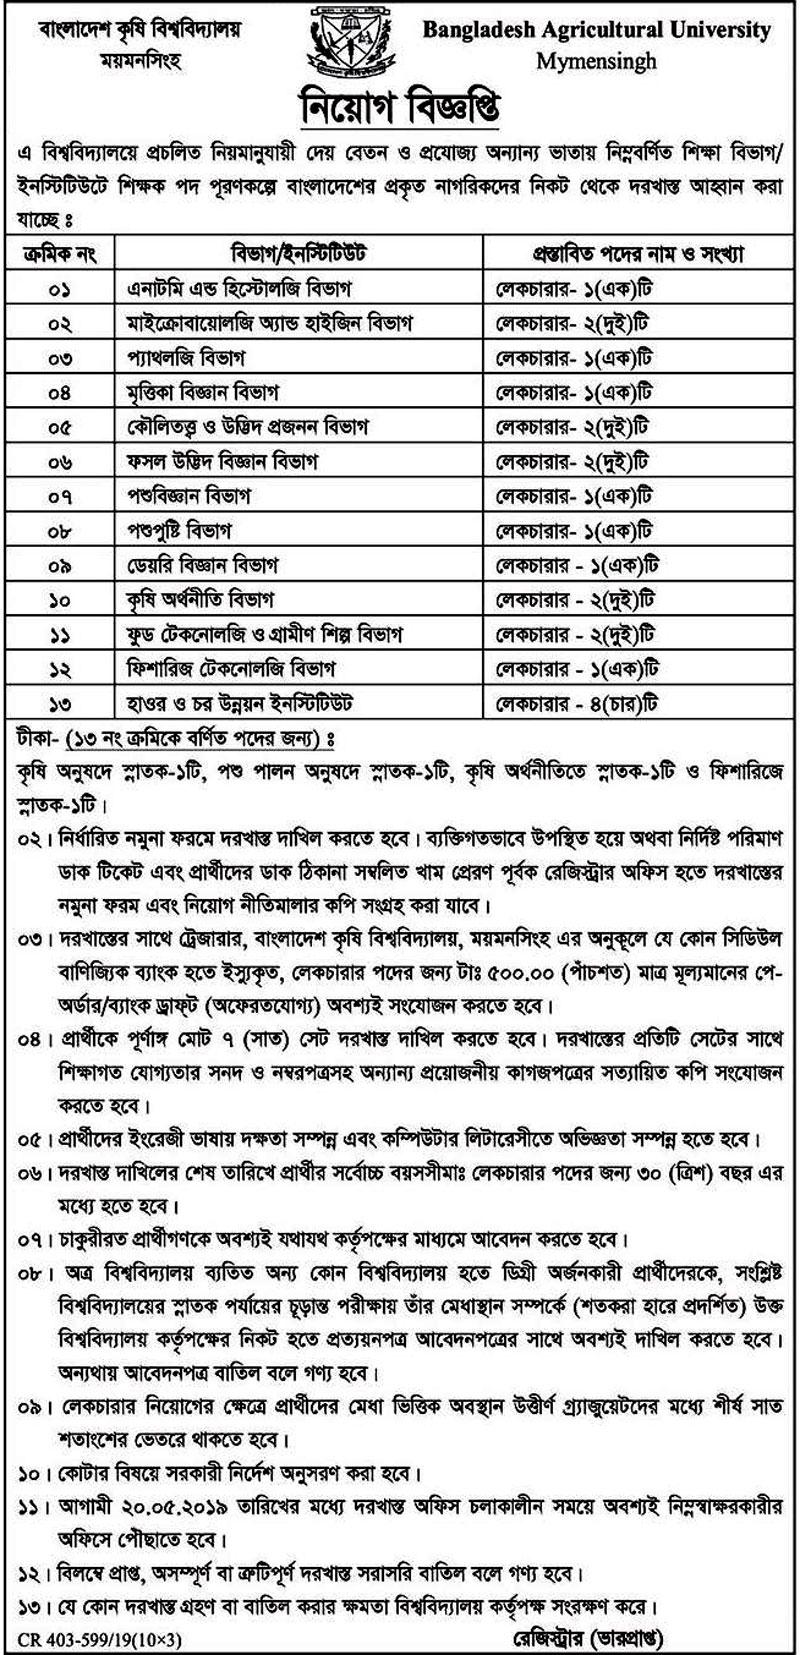 Agricultural University Job Circular 2019